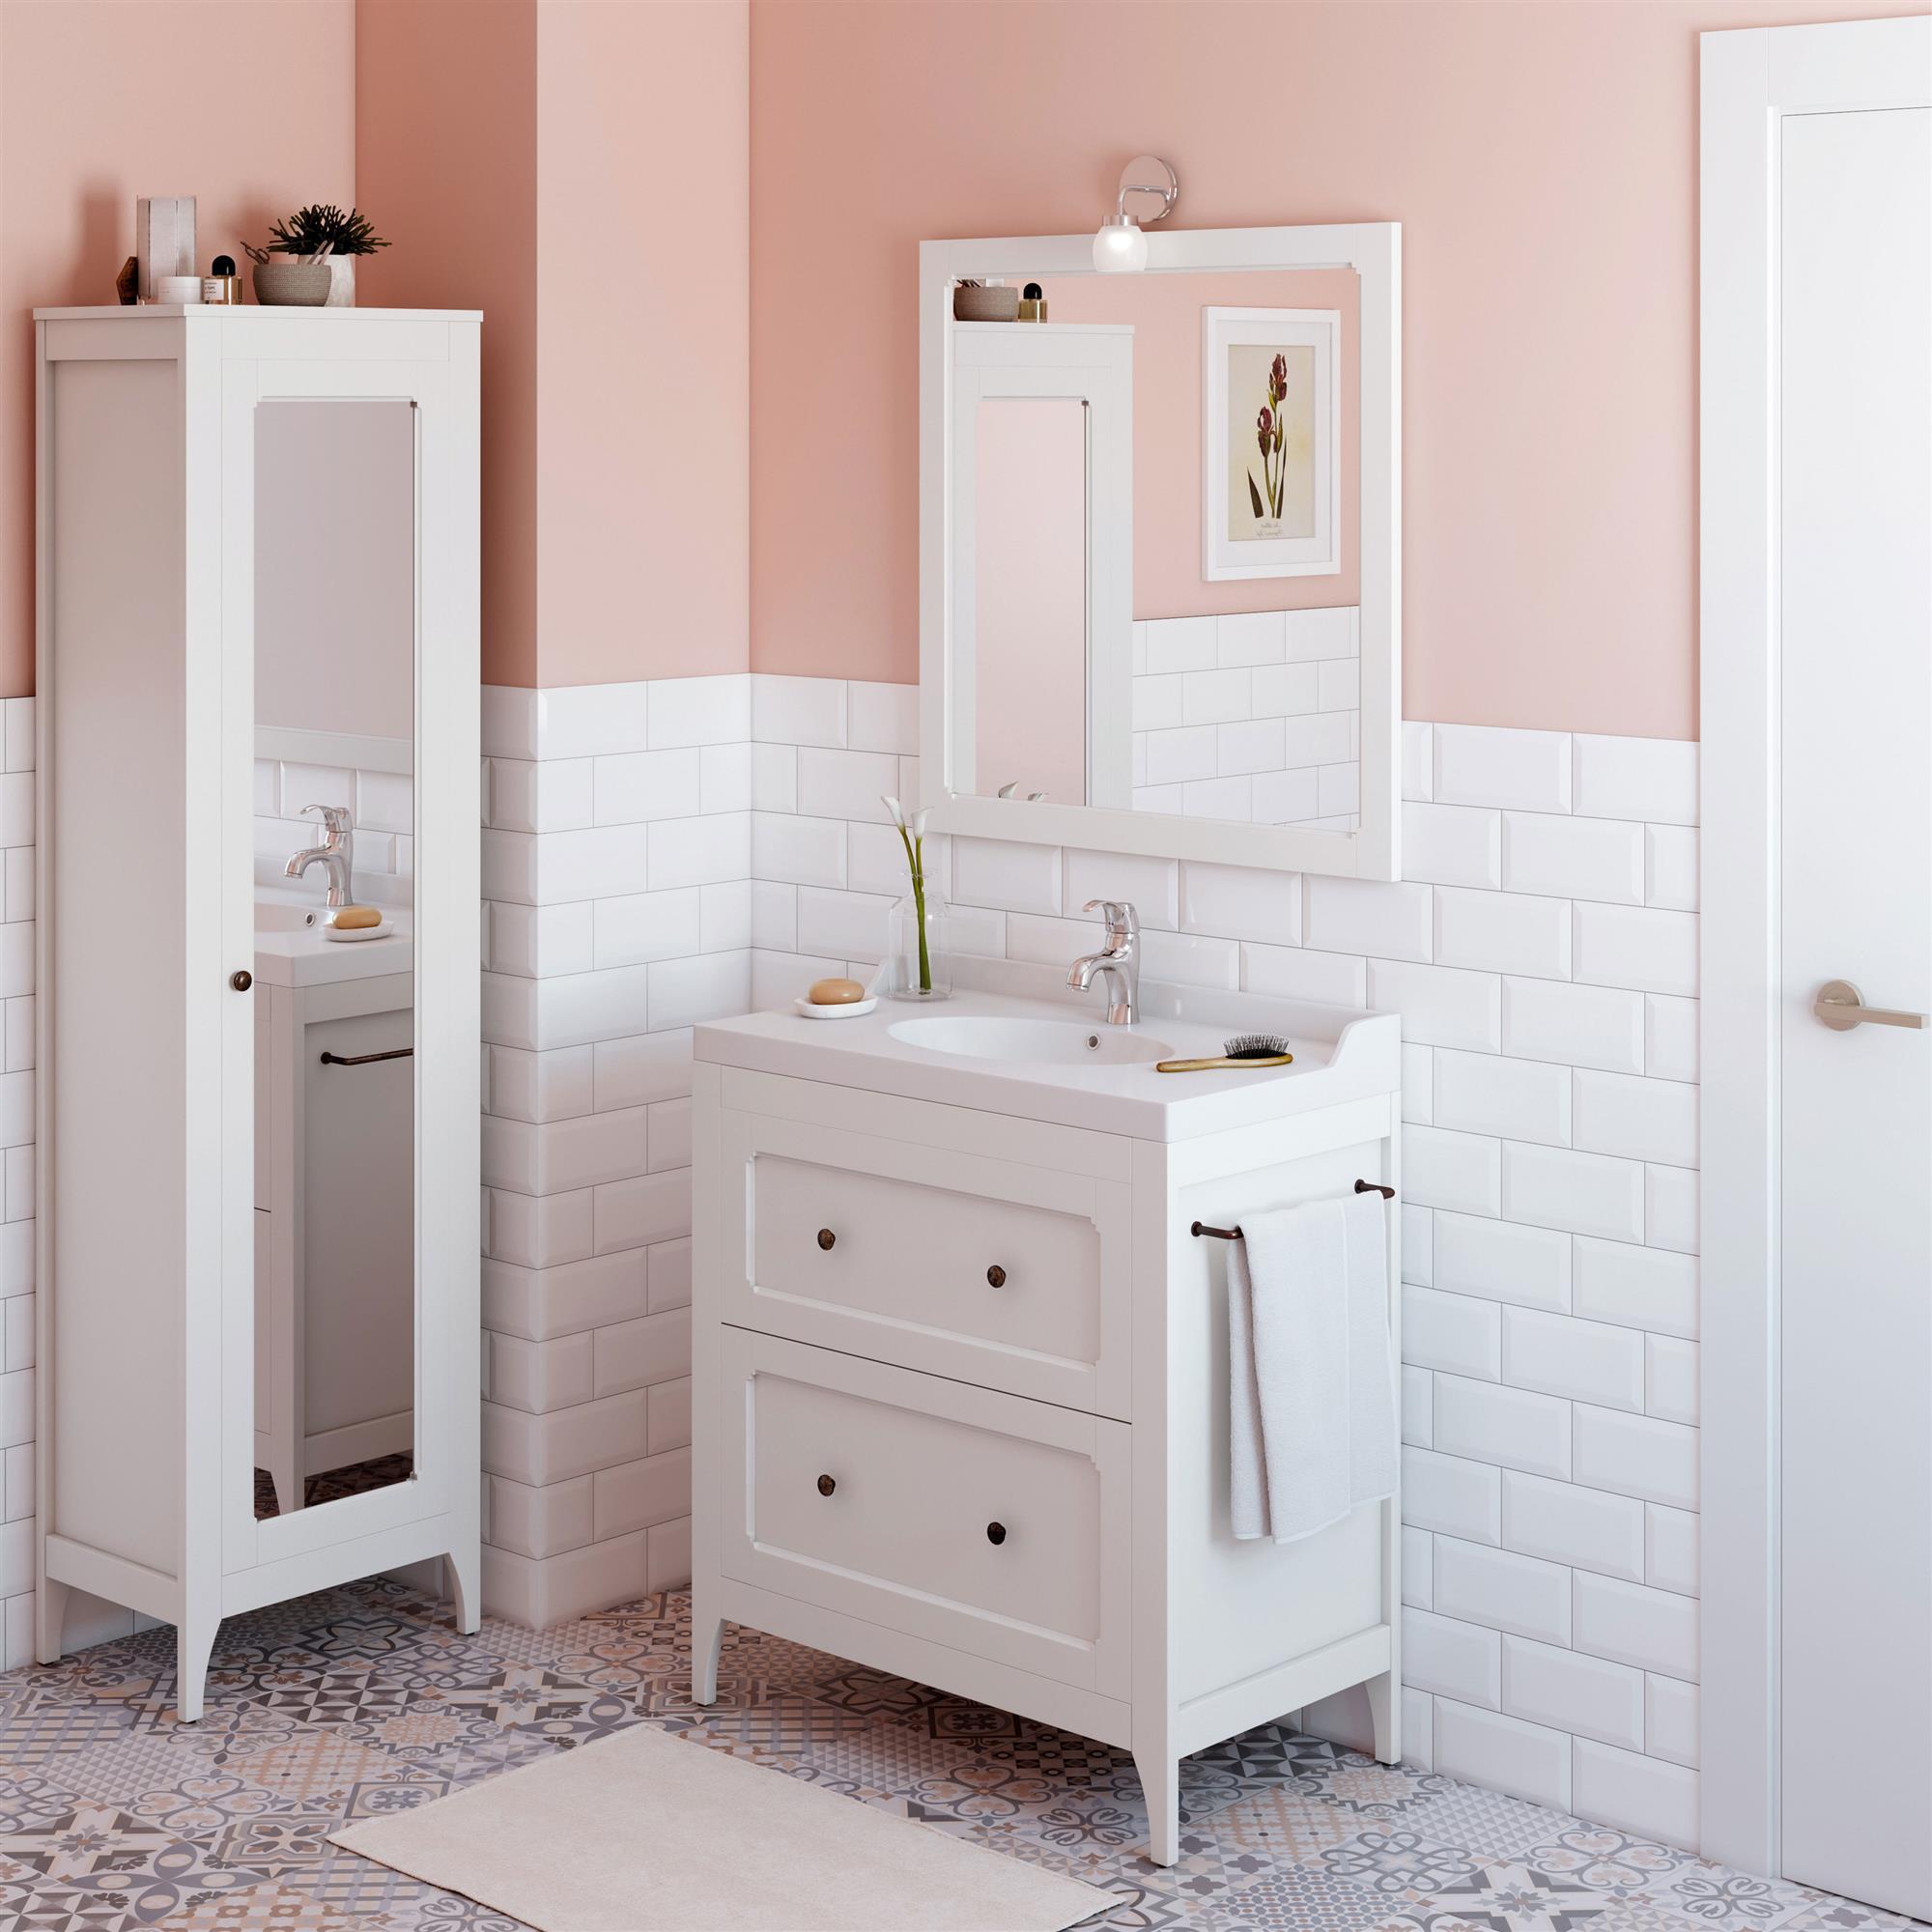 Ba os mamparas muebles espejos todo para la decoraci n elmueble - Columna bano leroy merlin ...